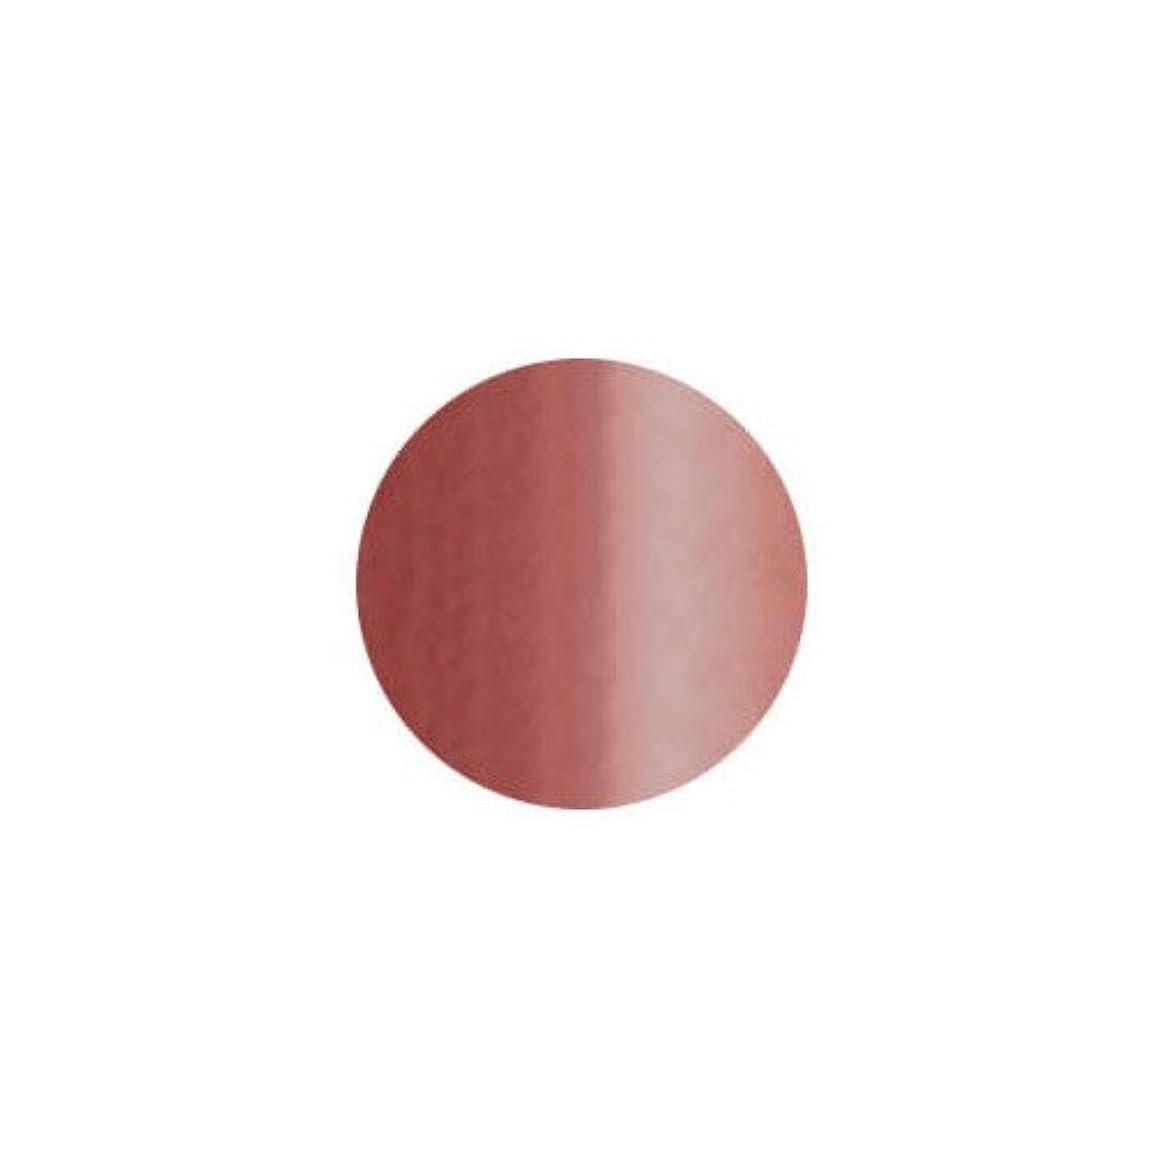 まともなものゴネリルバイオスカルプチュア(バイオジェル) カラージェル 〔4g〕 (1) 9:スイートタッフィ